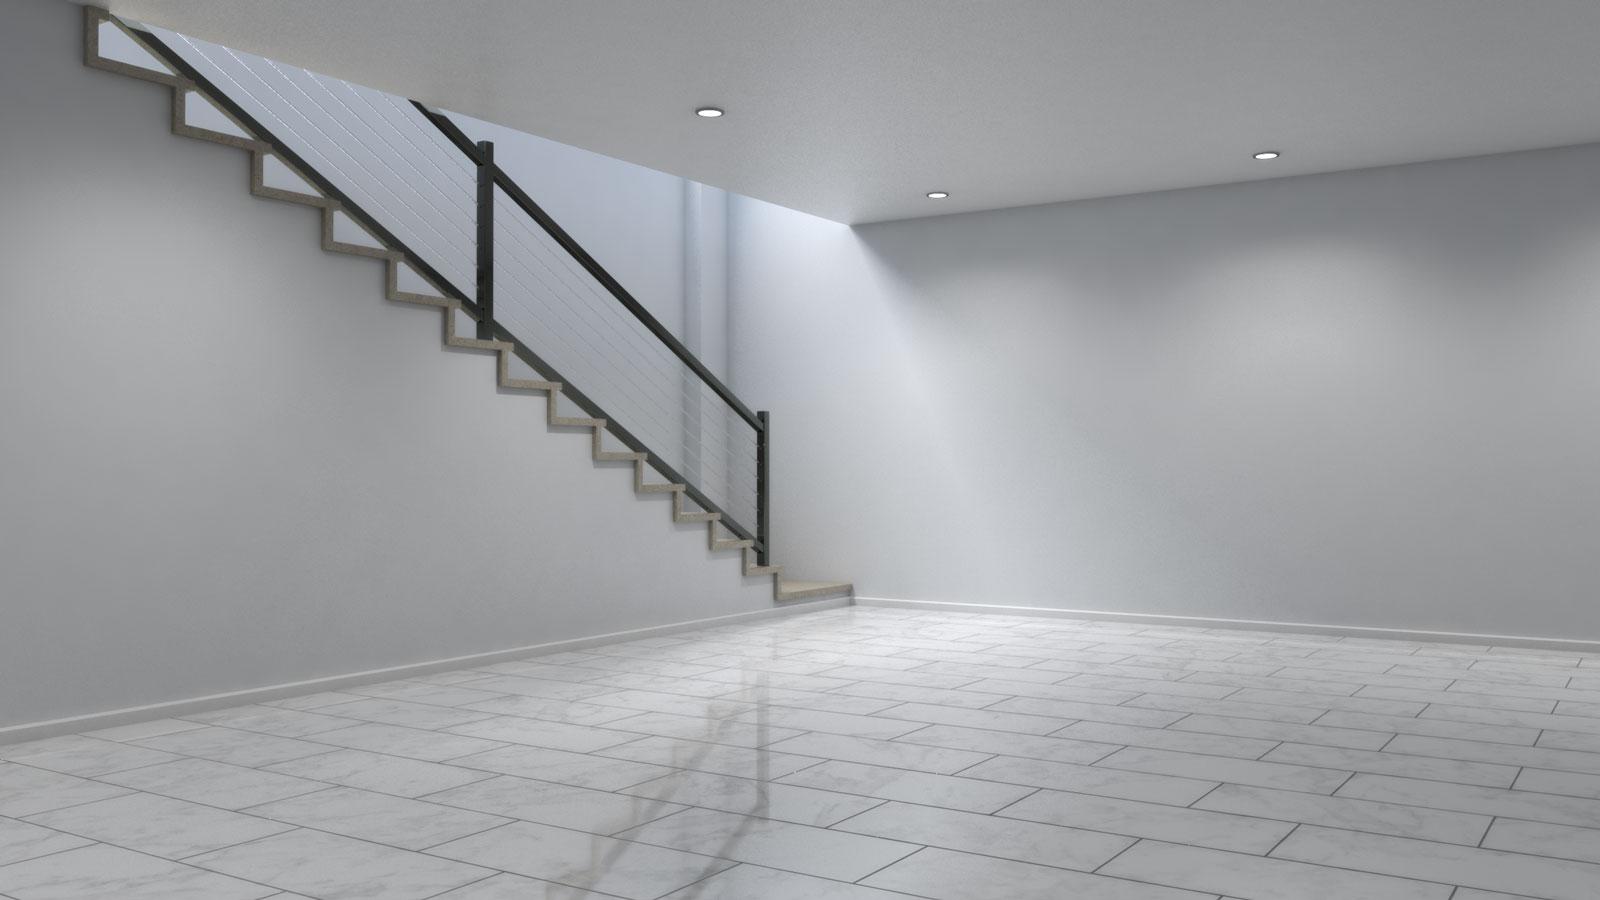 Basement using white tile floors